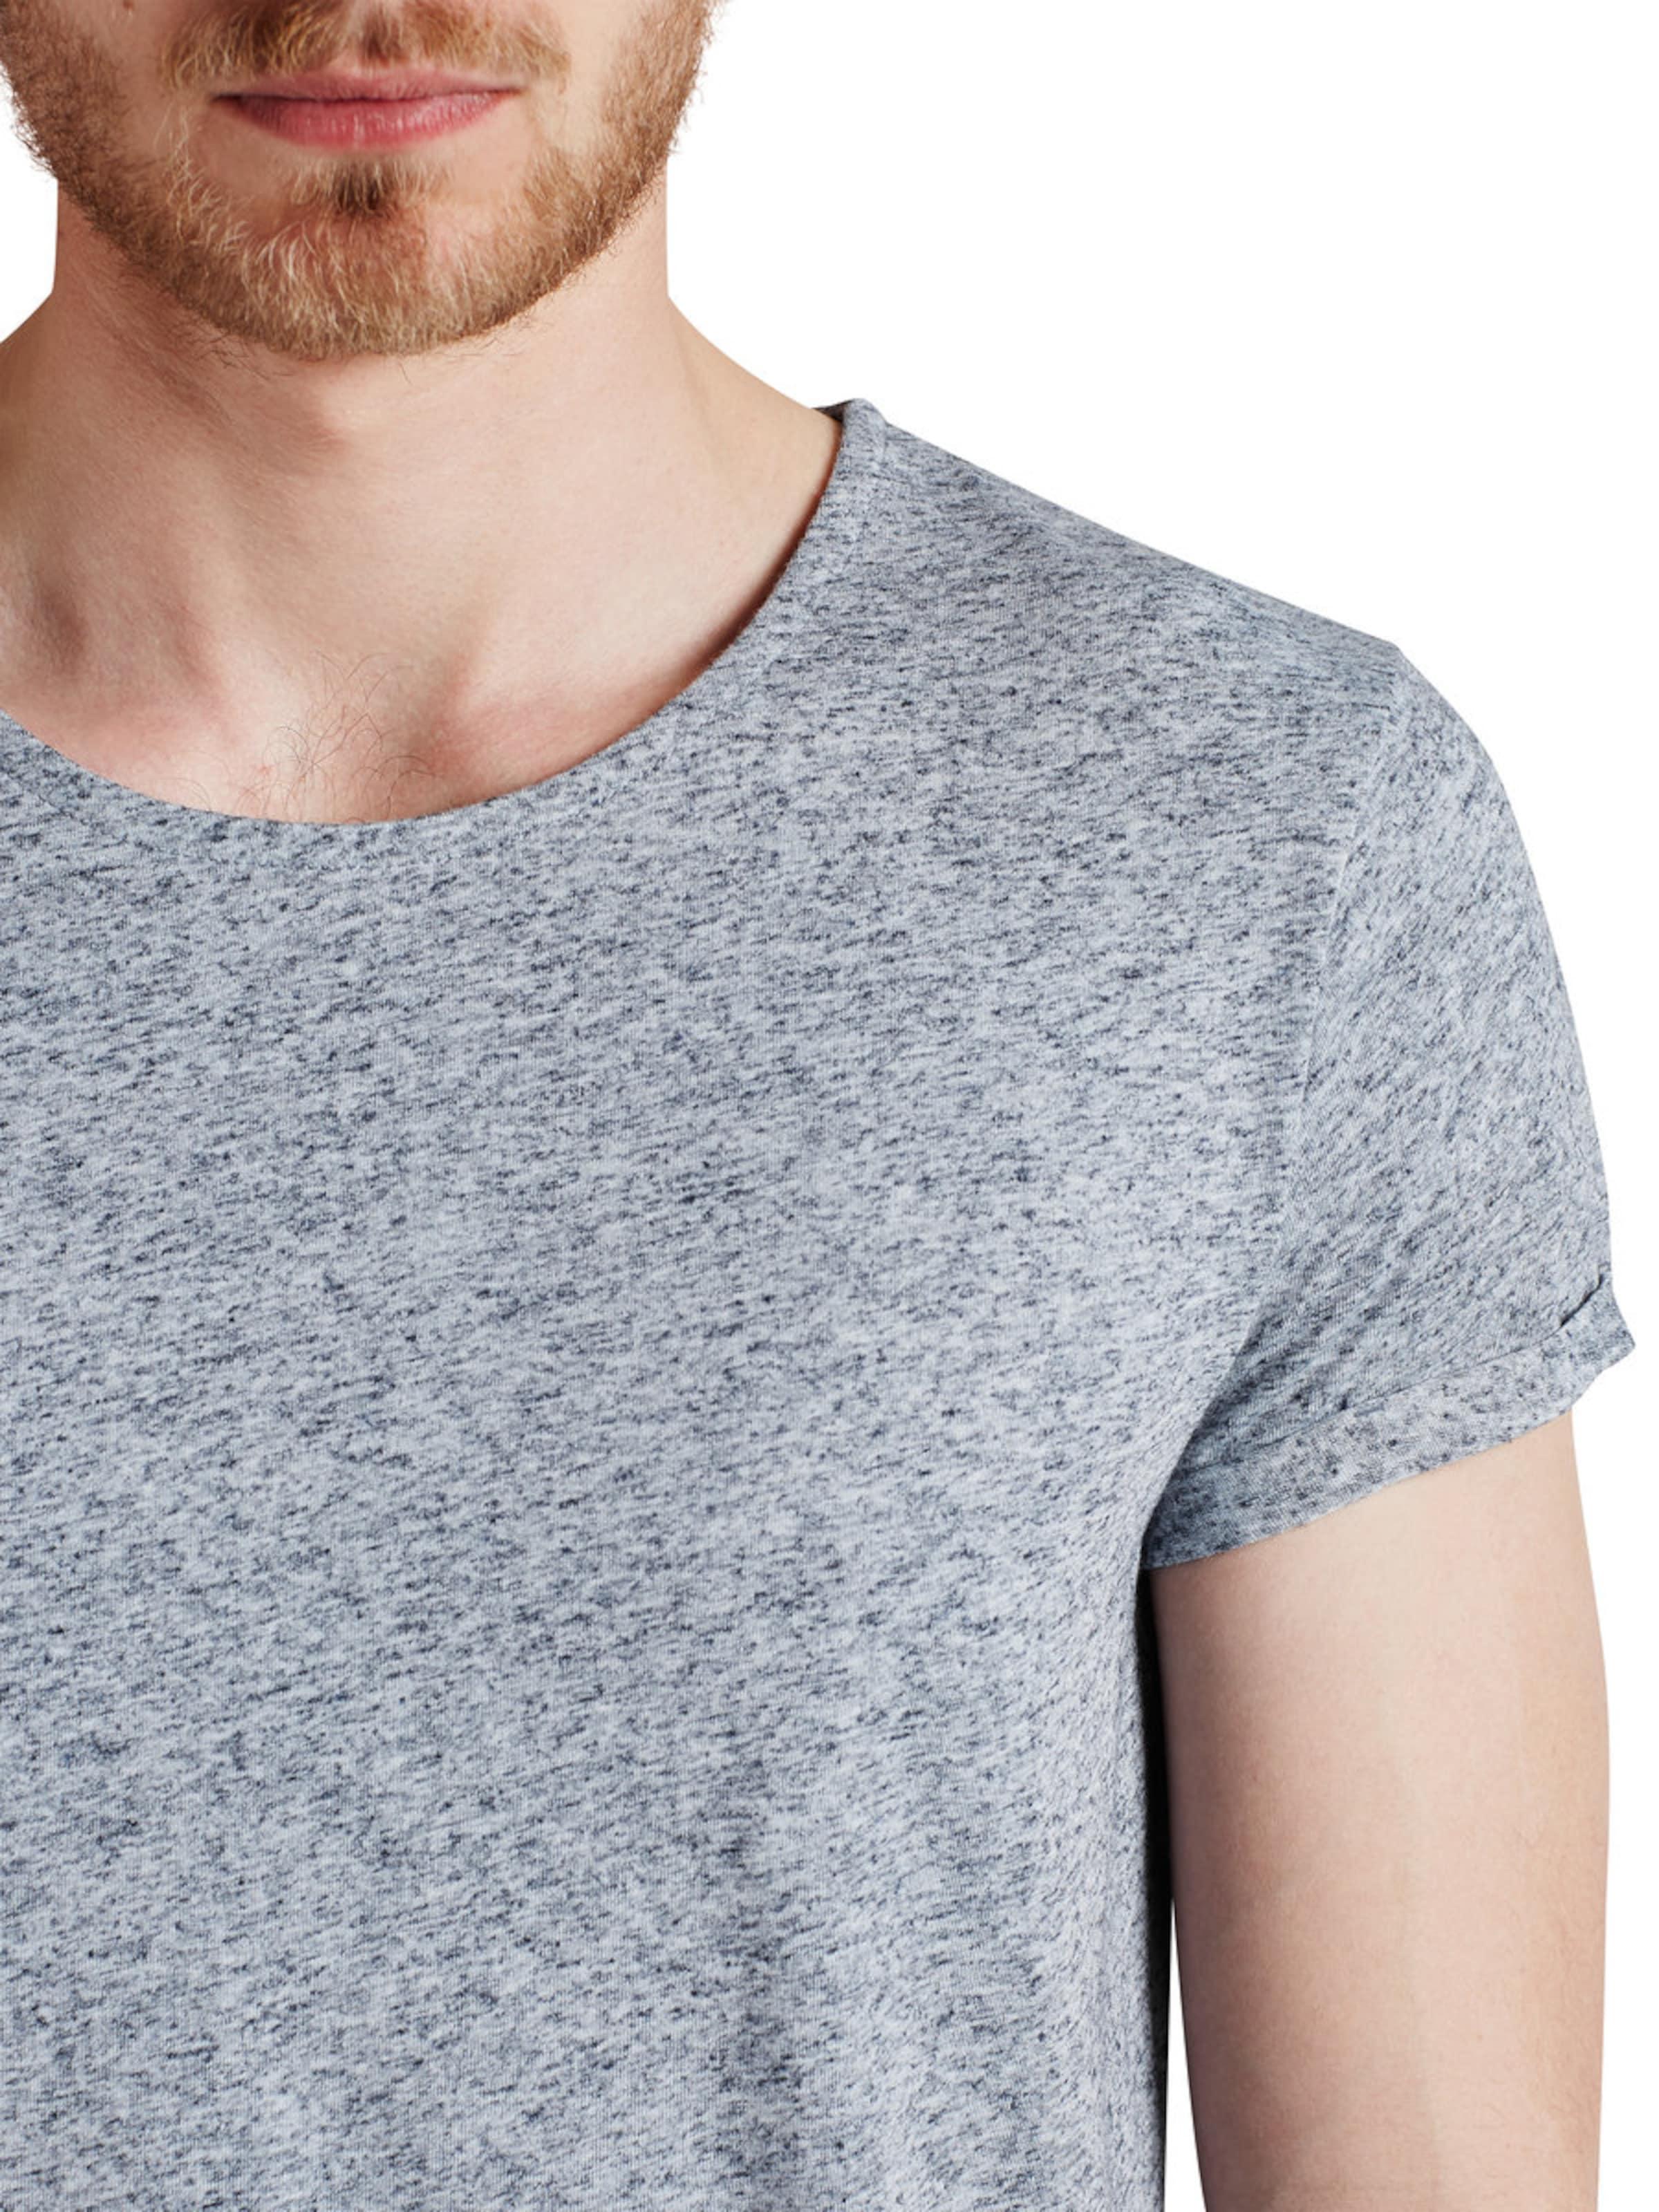 JACK amp; JONES JACK amp; T JONES Shirt Leinenmischfaser Leinenmischfaser zwRqzr